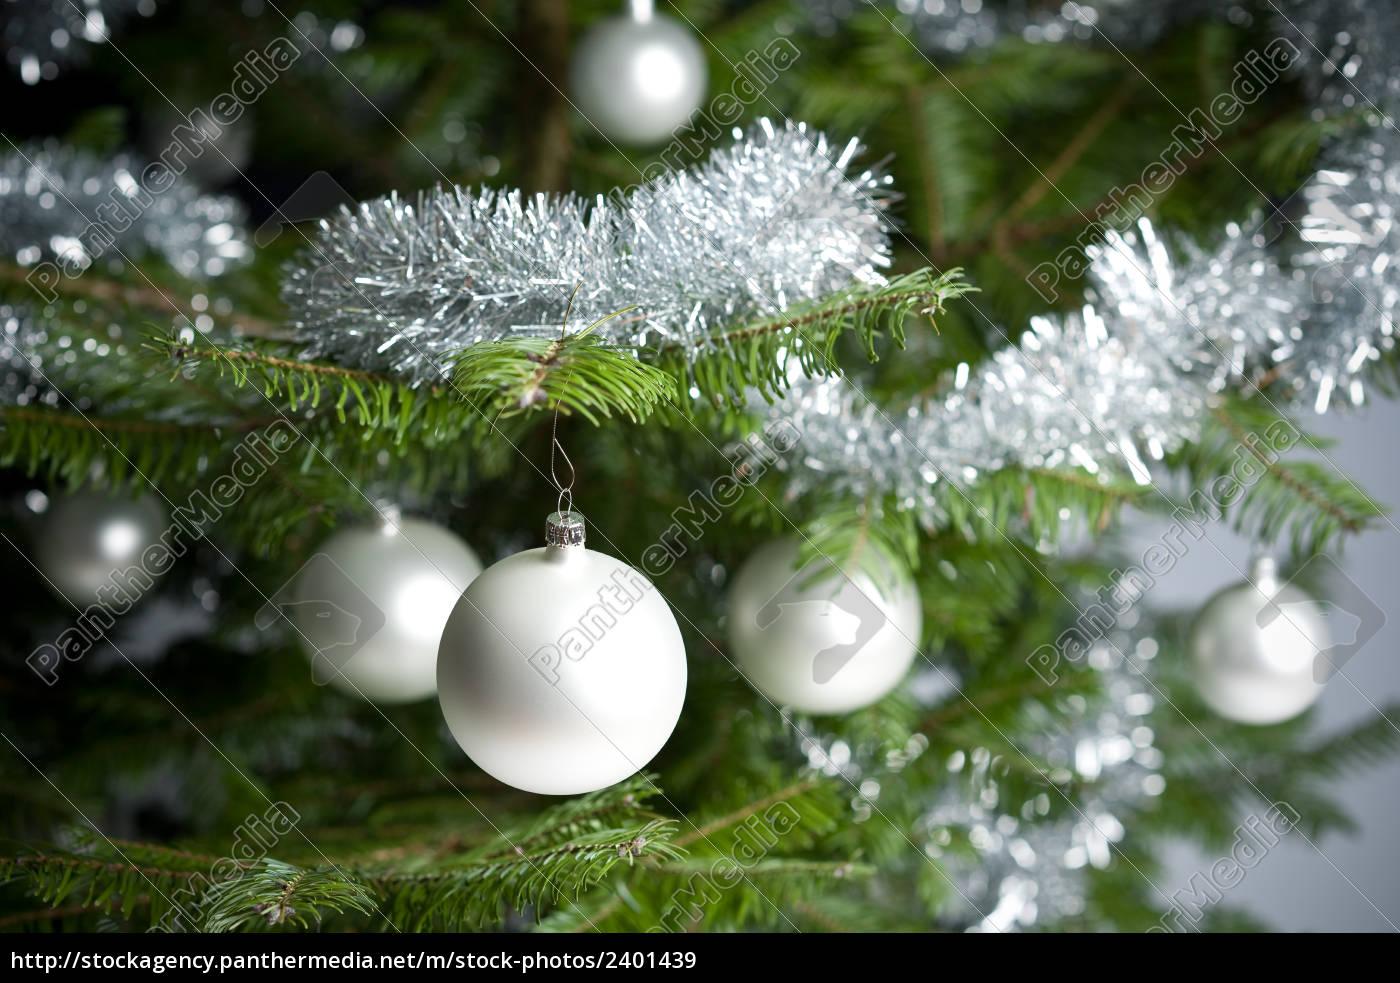 Warum Wird Der Weihnachtsbaum Geschmückt.Lizenzfreies Bild 2401439 Silber Geschmückten Weihnachtsbaum Mit Kugeln Und Ketten